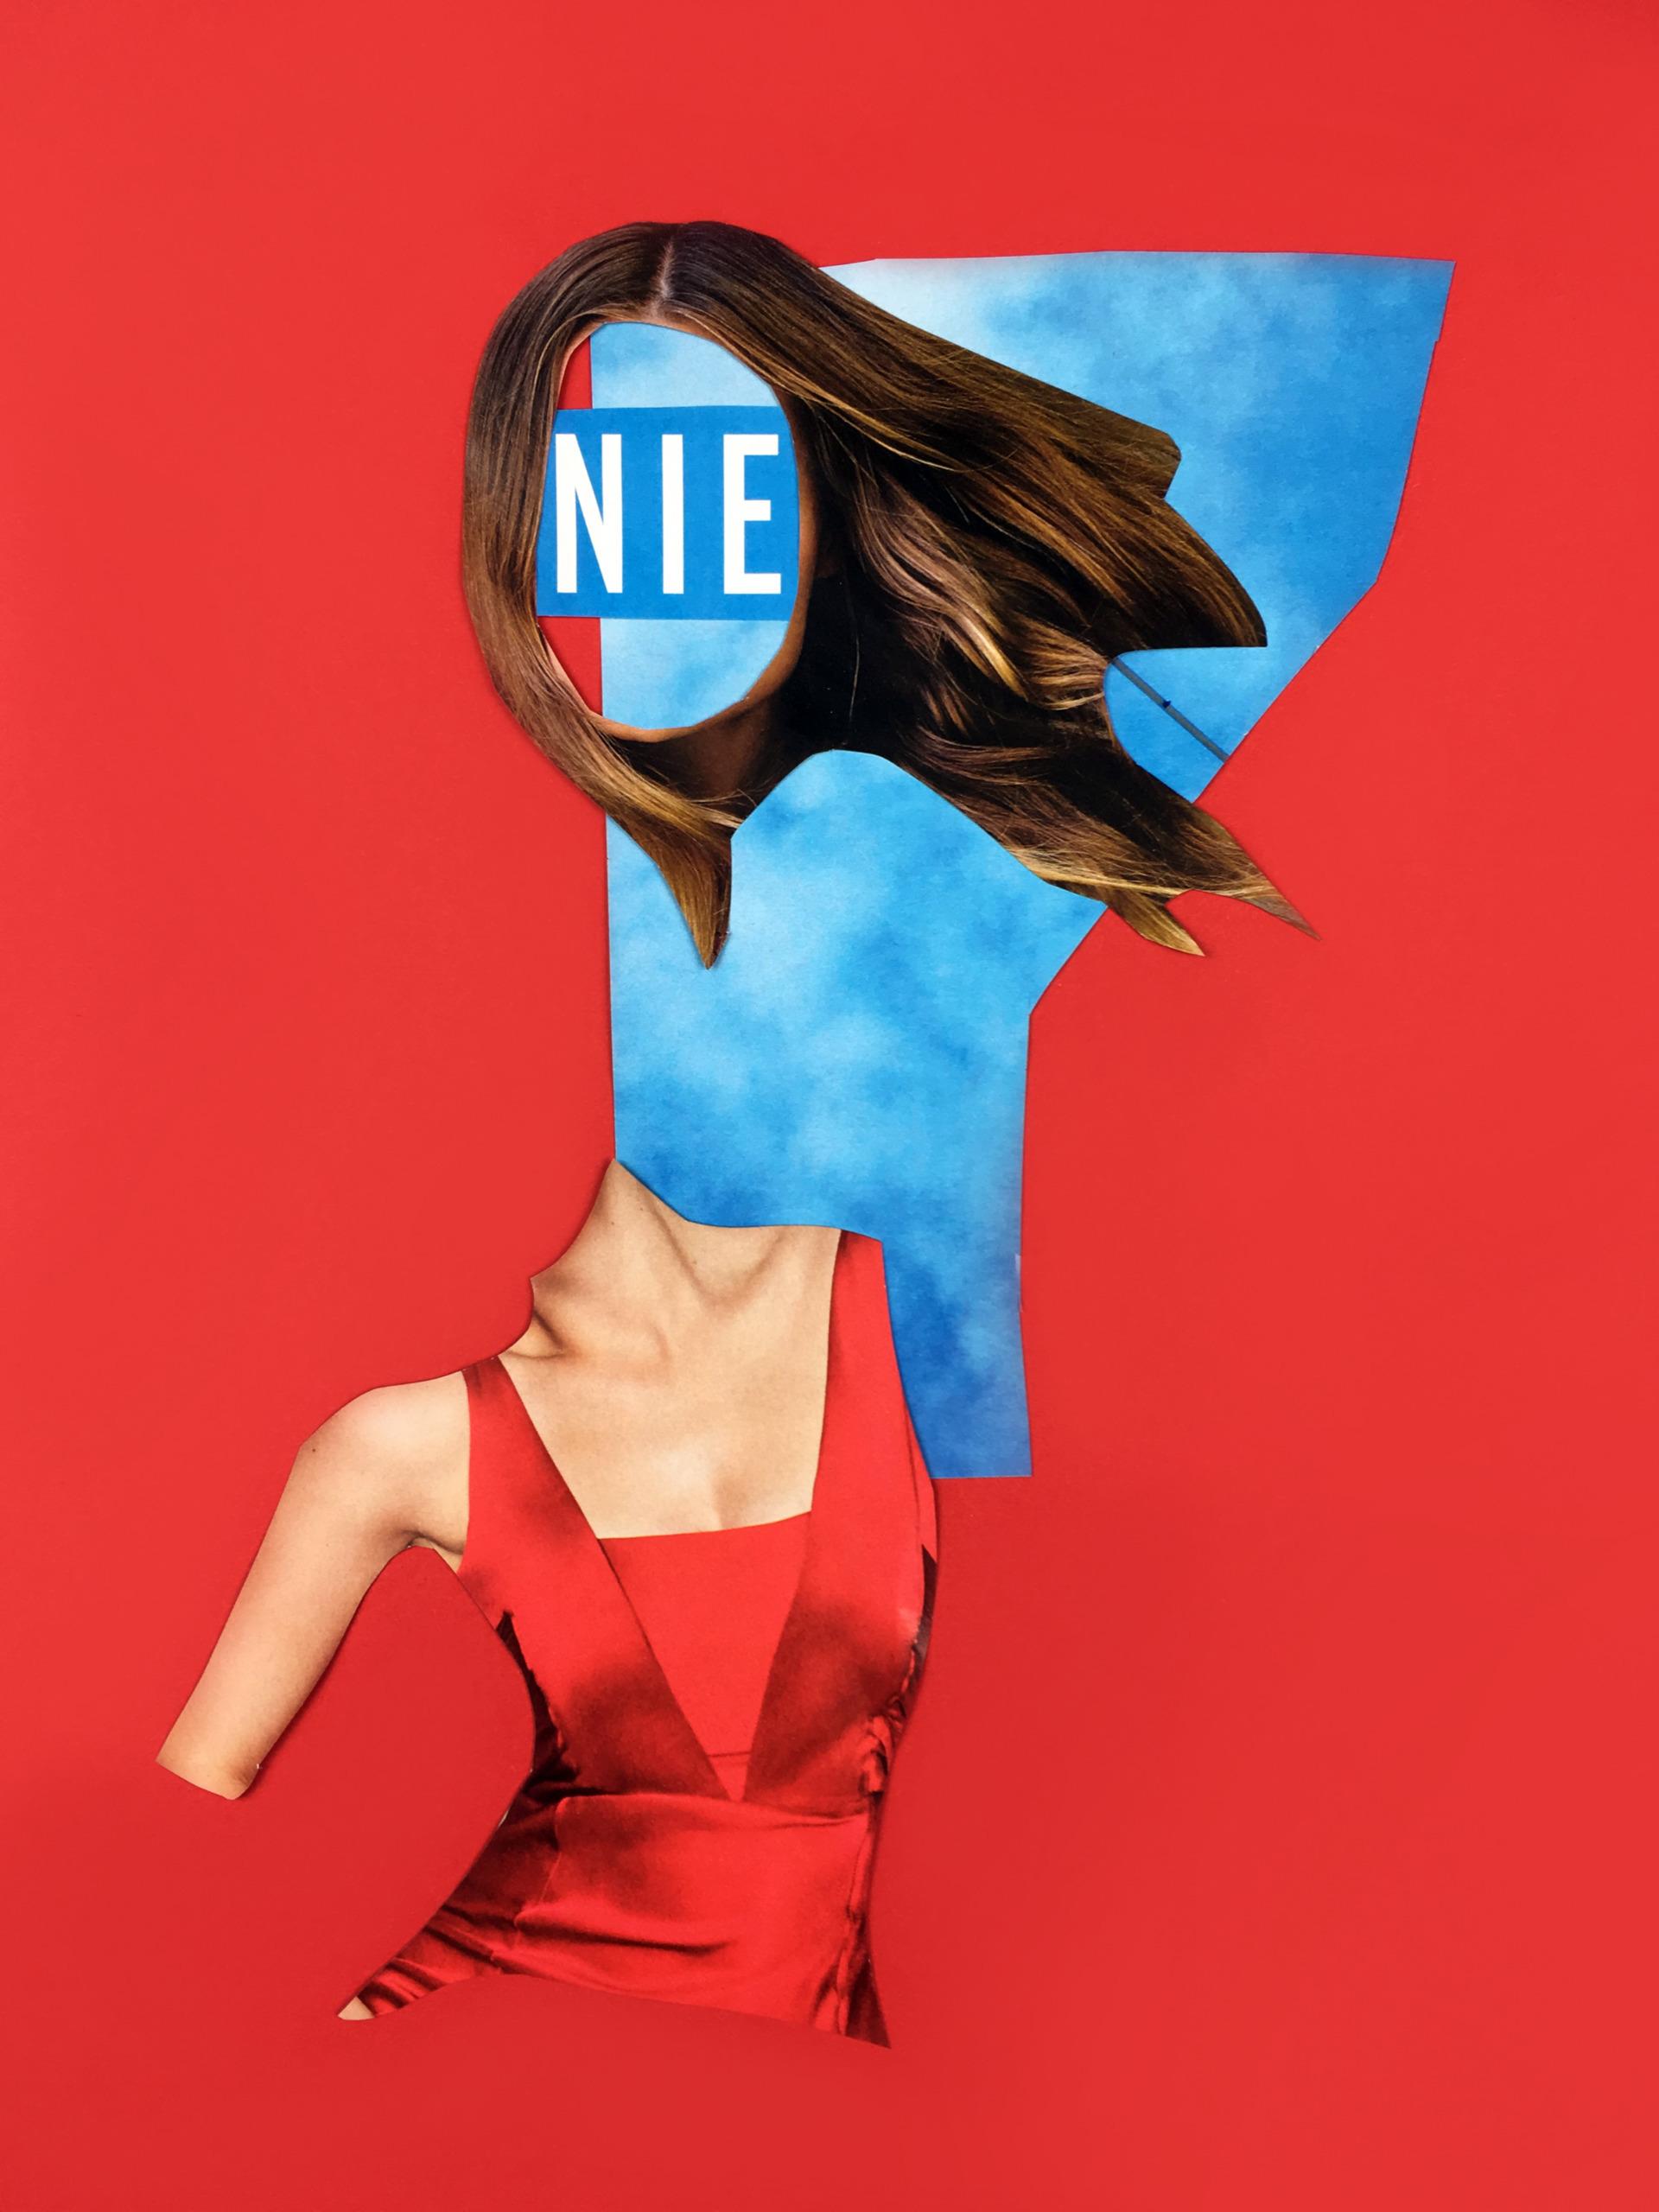 Obraz przedstawia kolaż na czerwonym tle. Widzimy fragment kobiety ubranej w czerwoną sukienkę, kawałek niebieskiego nieba, głowę pozbawioną twarzy.